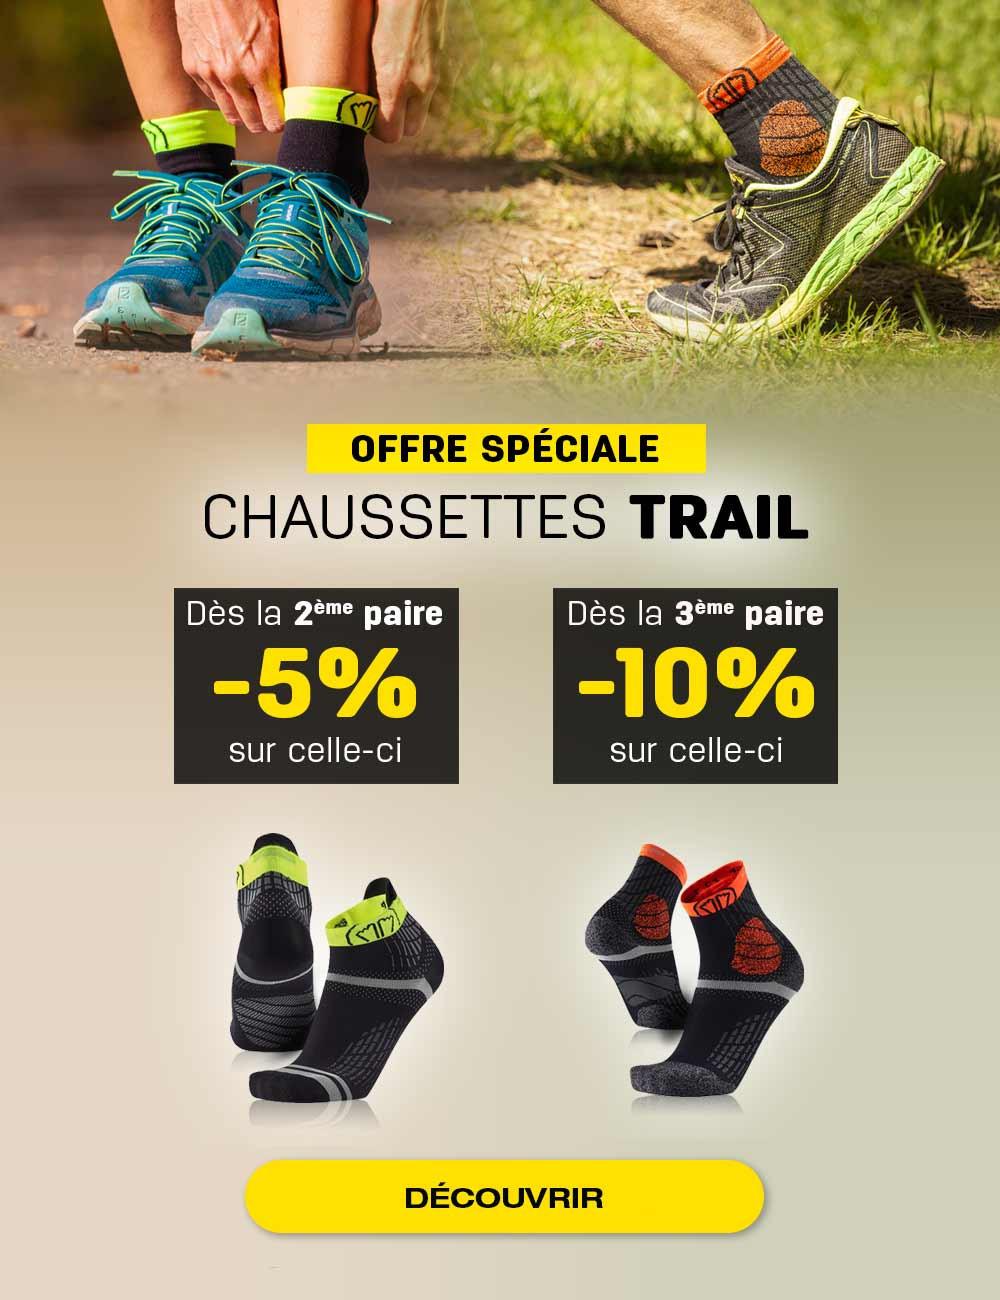 Achetez les chaussettes Trail Protect en pack et bénéficiez de 5% sur la 2ème paire et de 10% supplémentaire sur la 3ème